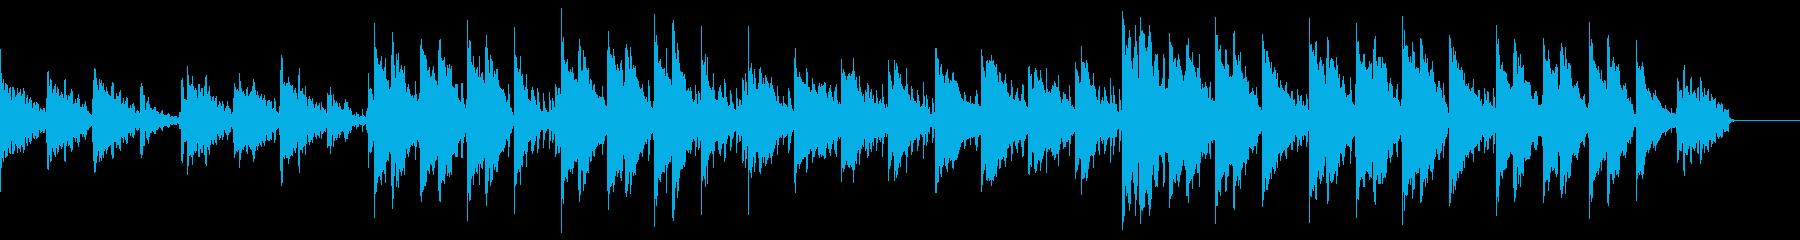 メローで落ち着いた曲の再生済みの波形